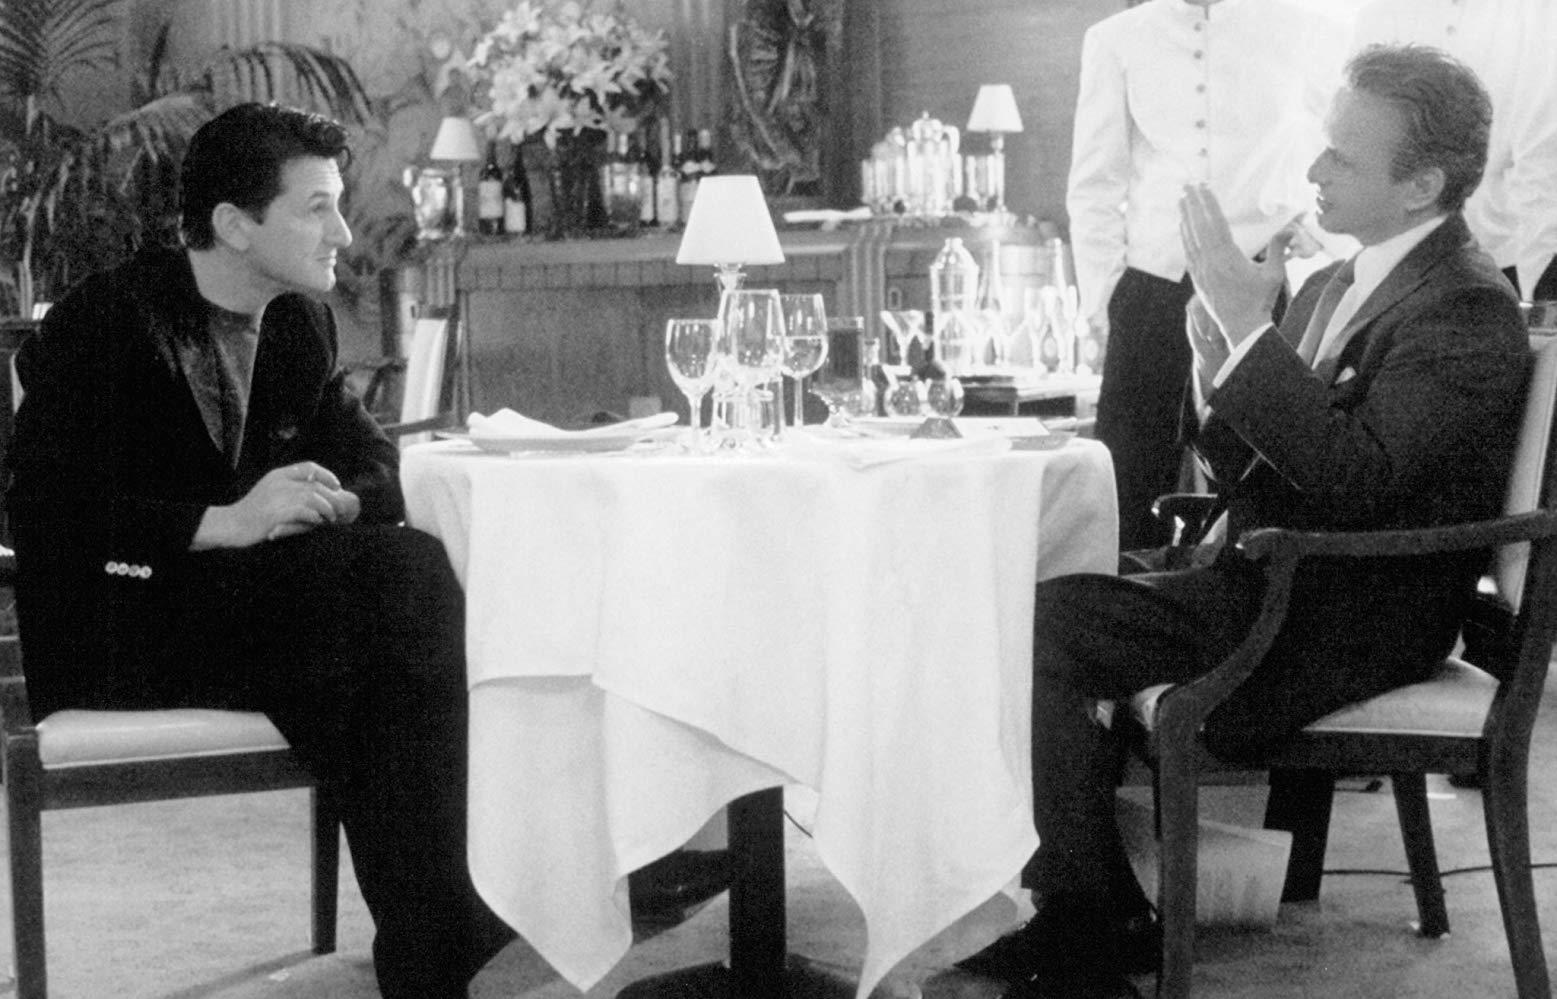 تركيب ديدني مايكل داگلاس و شان ژن در «بازي» فينچر